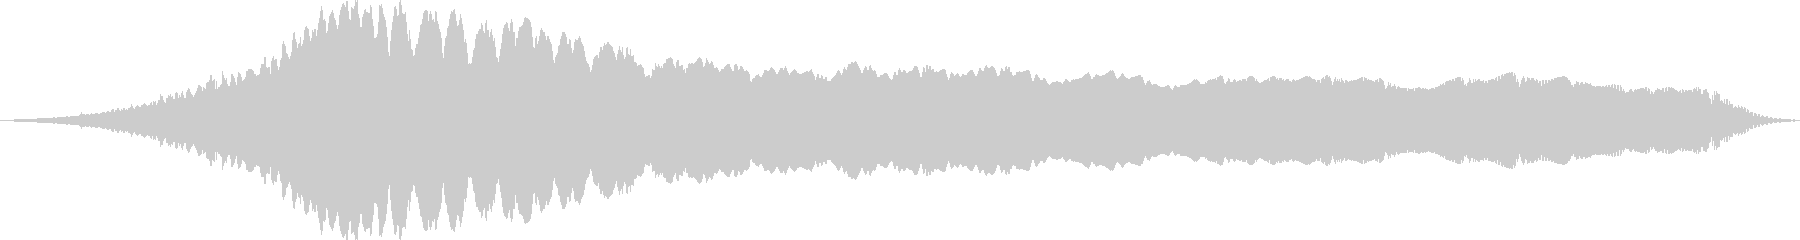 クイック電子高周波降下の未再生の波形